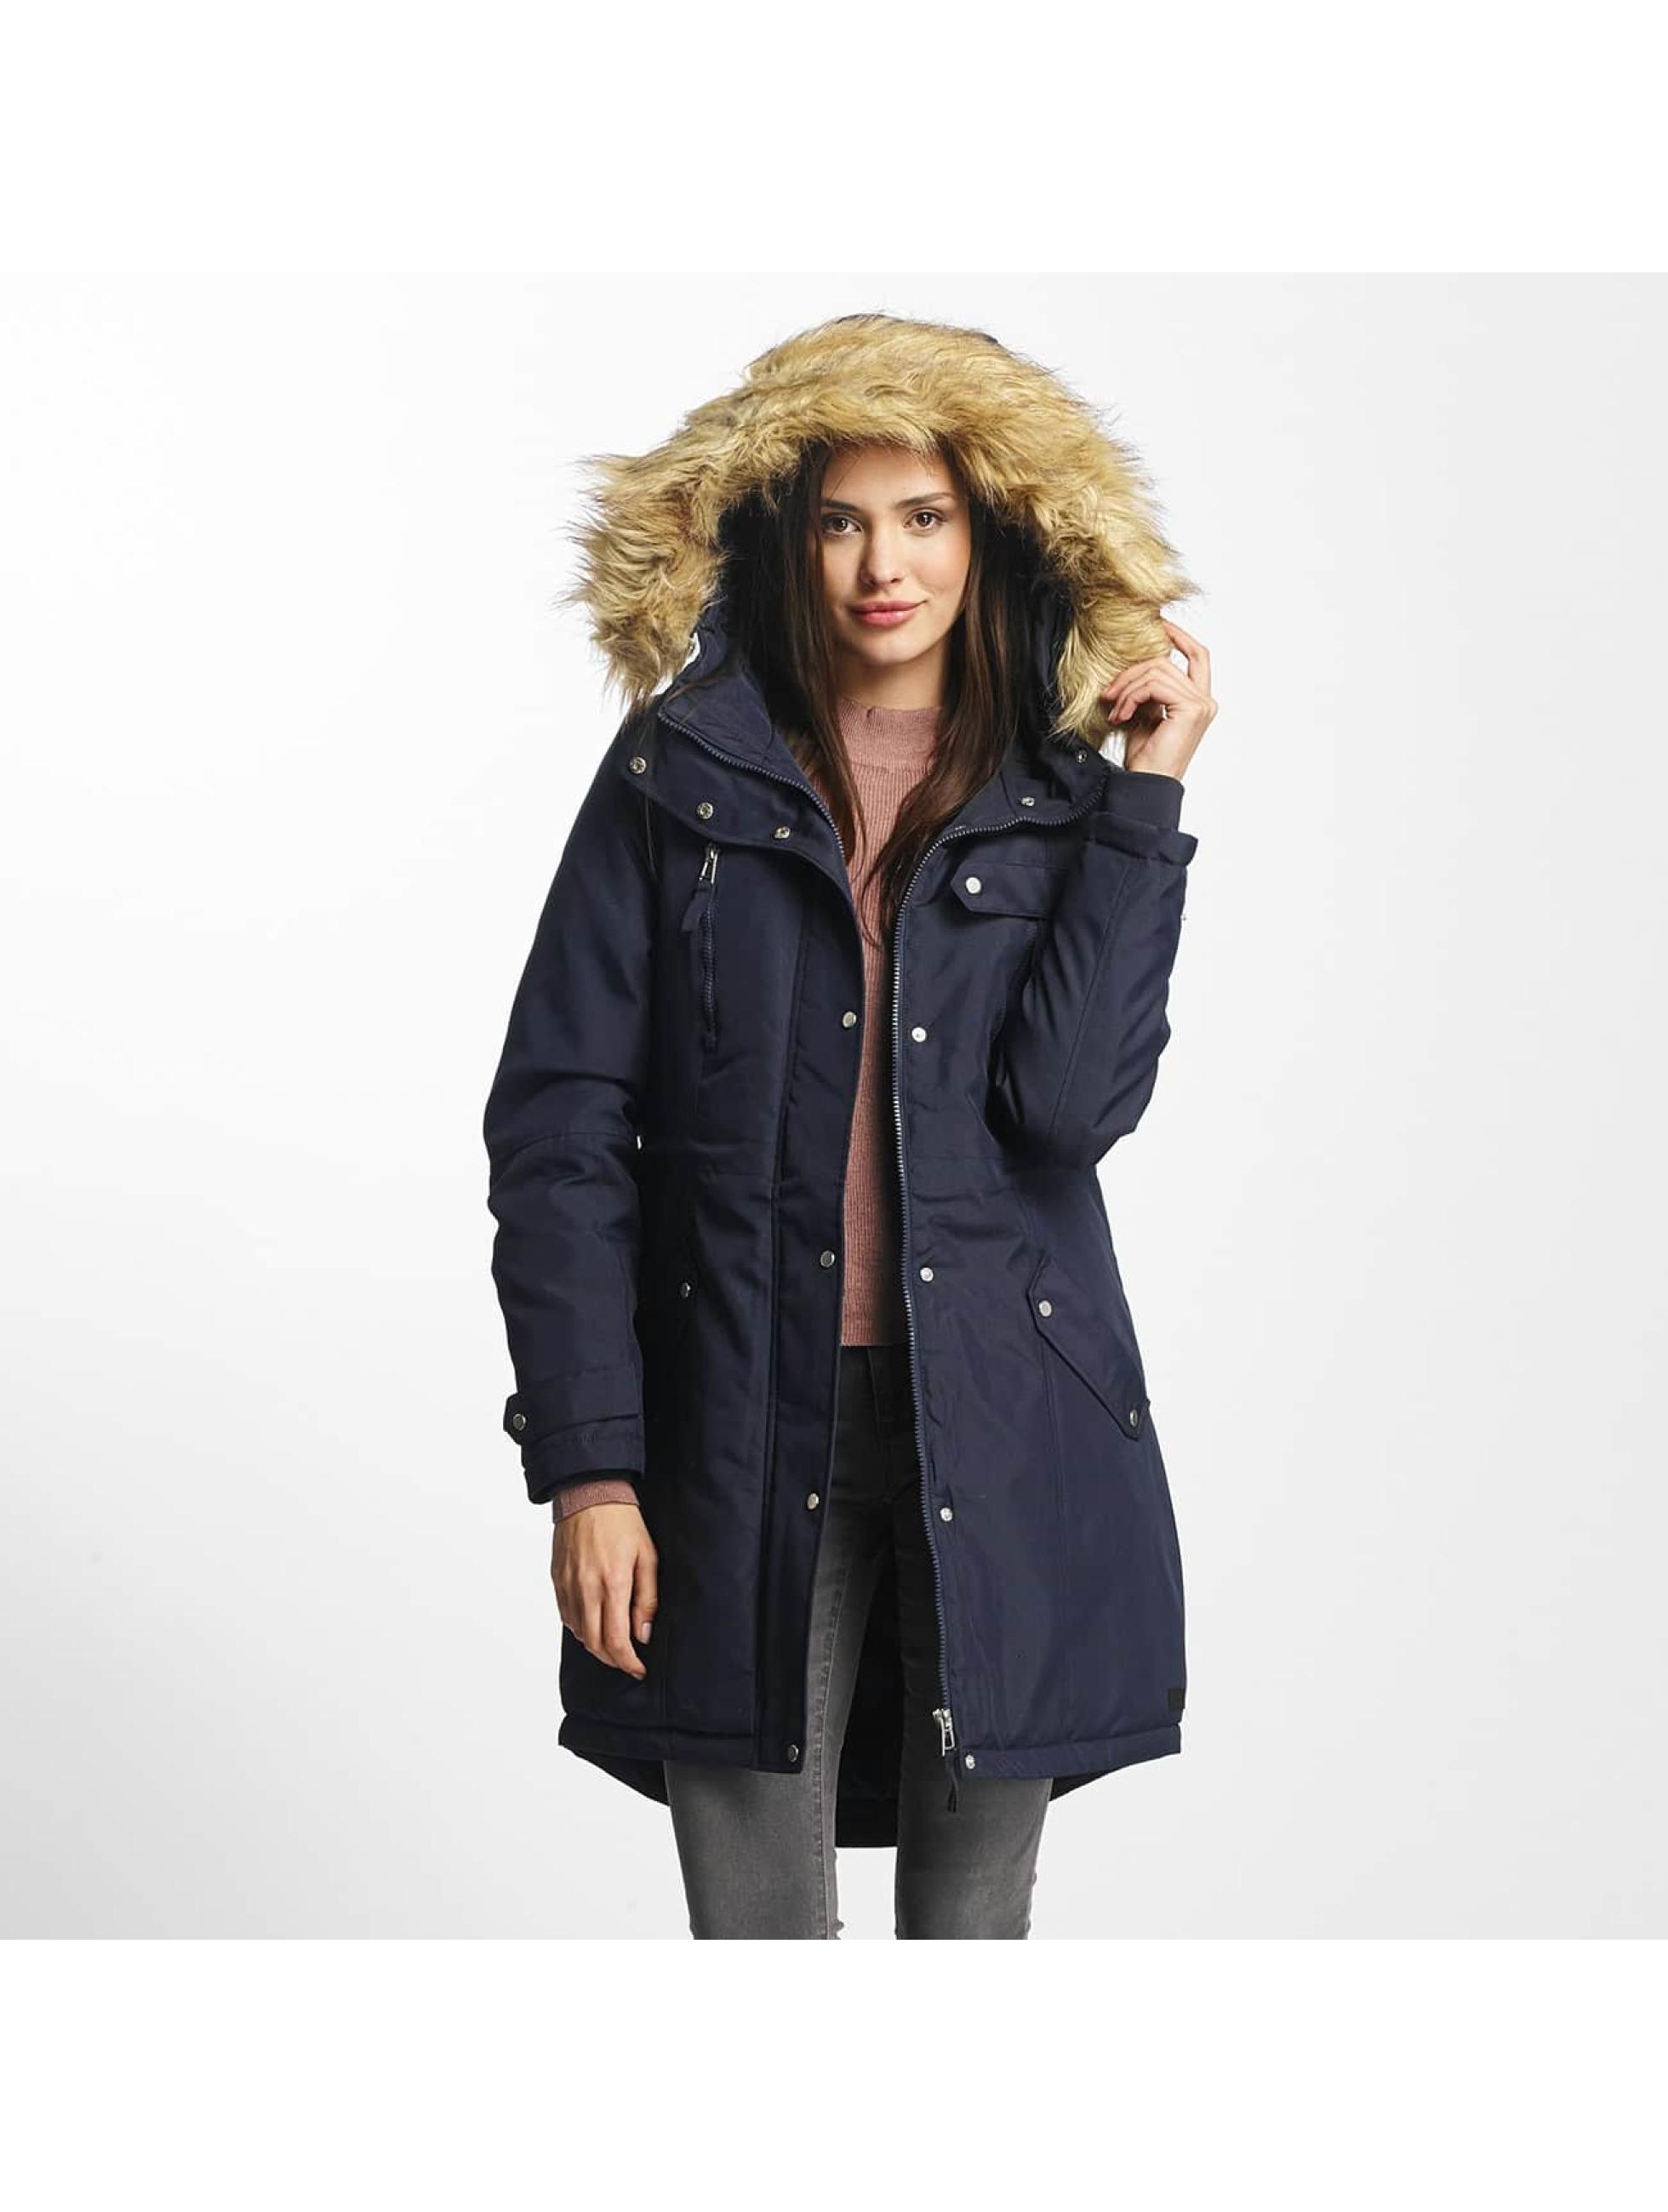 Vero Moda Frauen Mantel 10179246 in blau